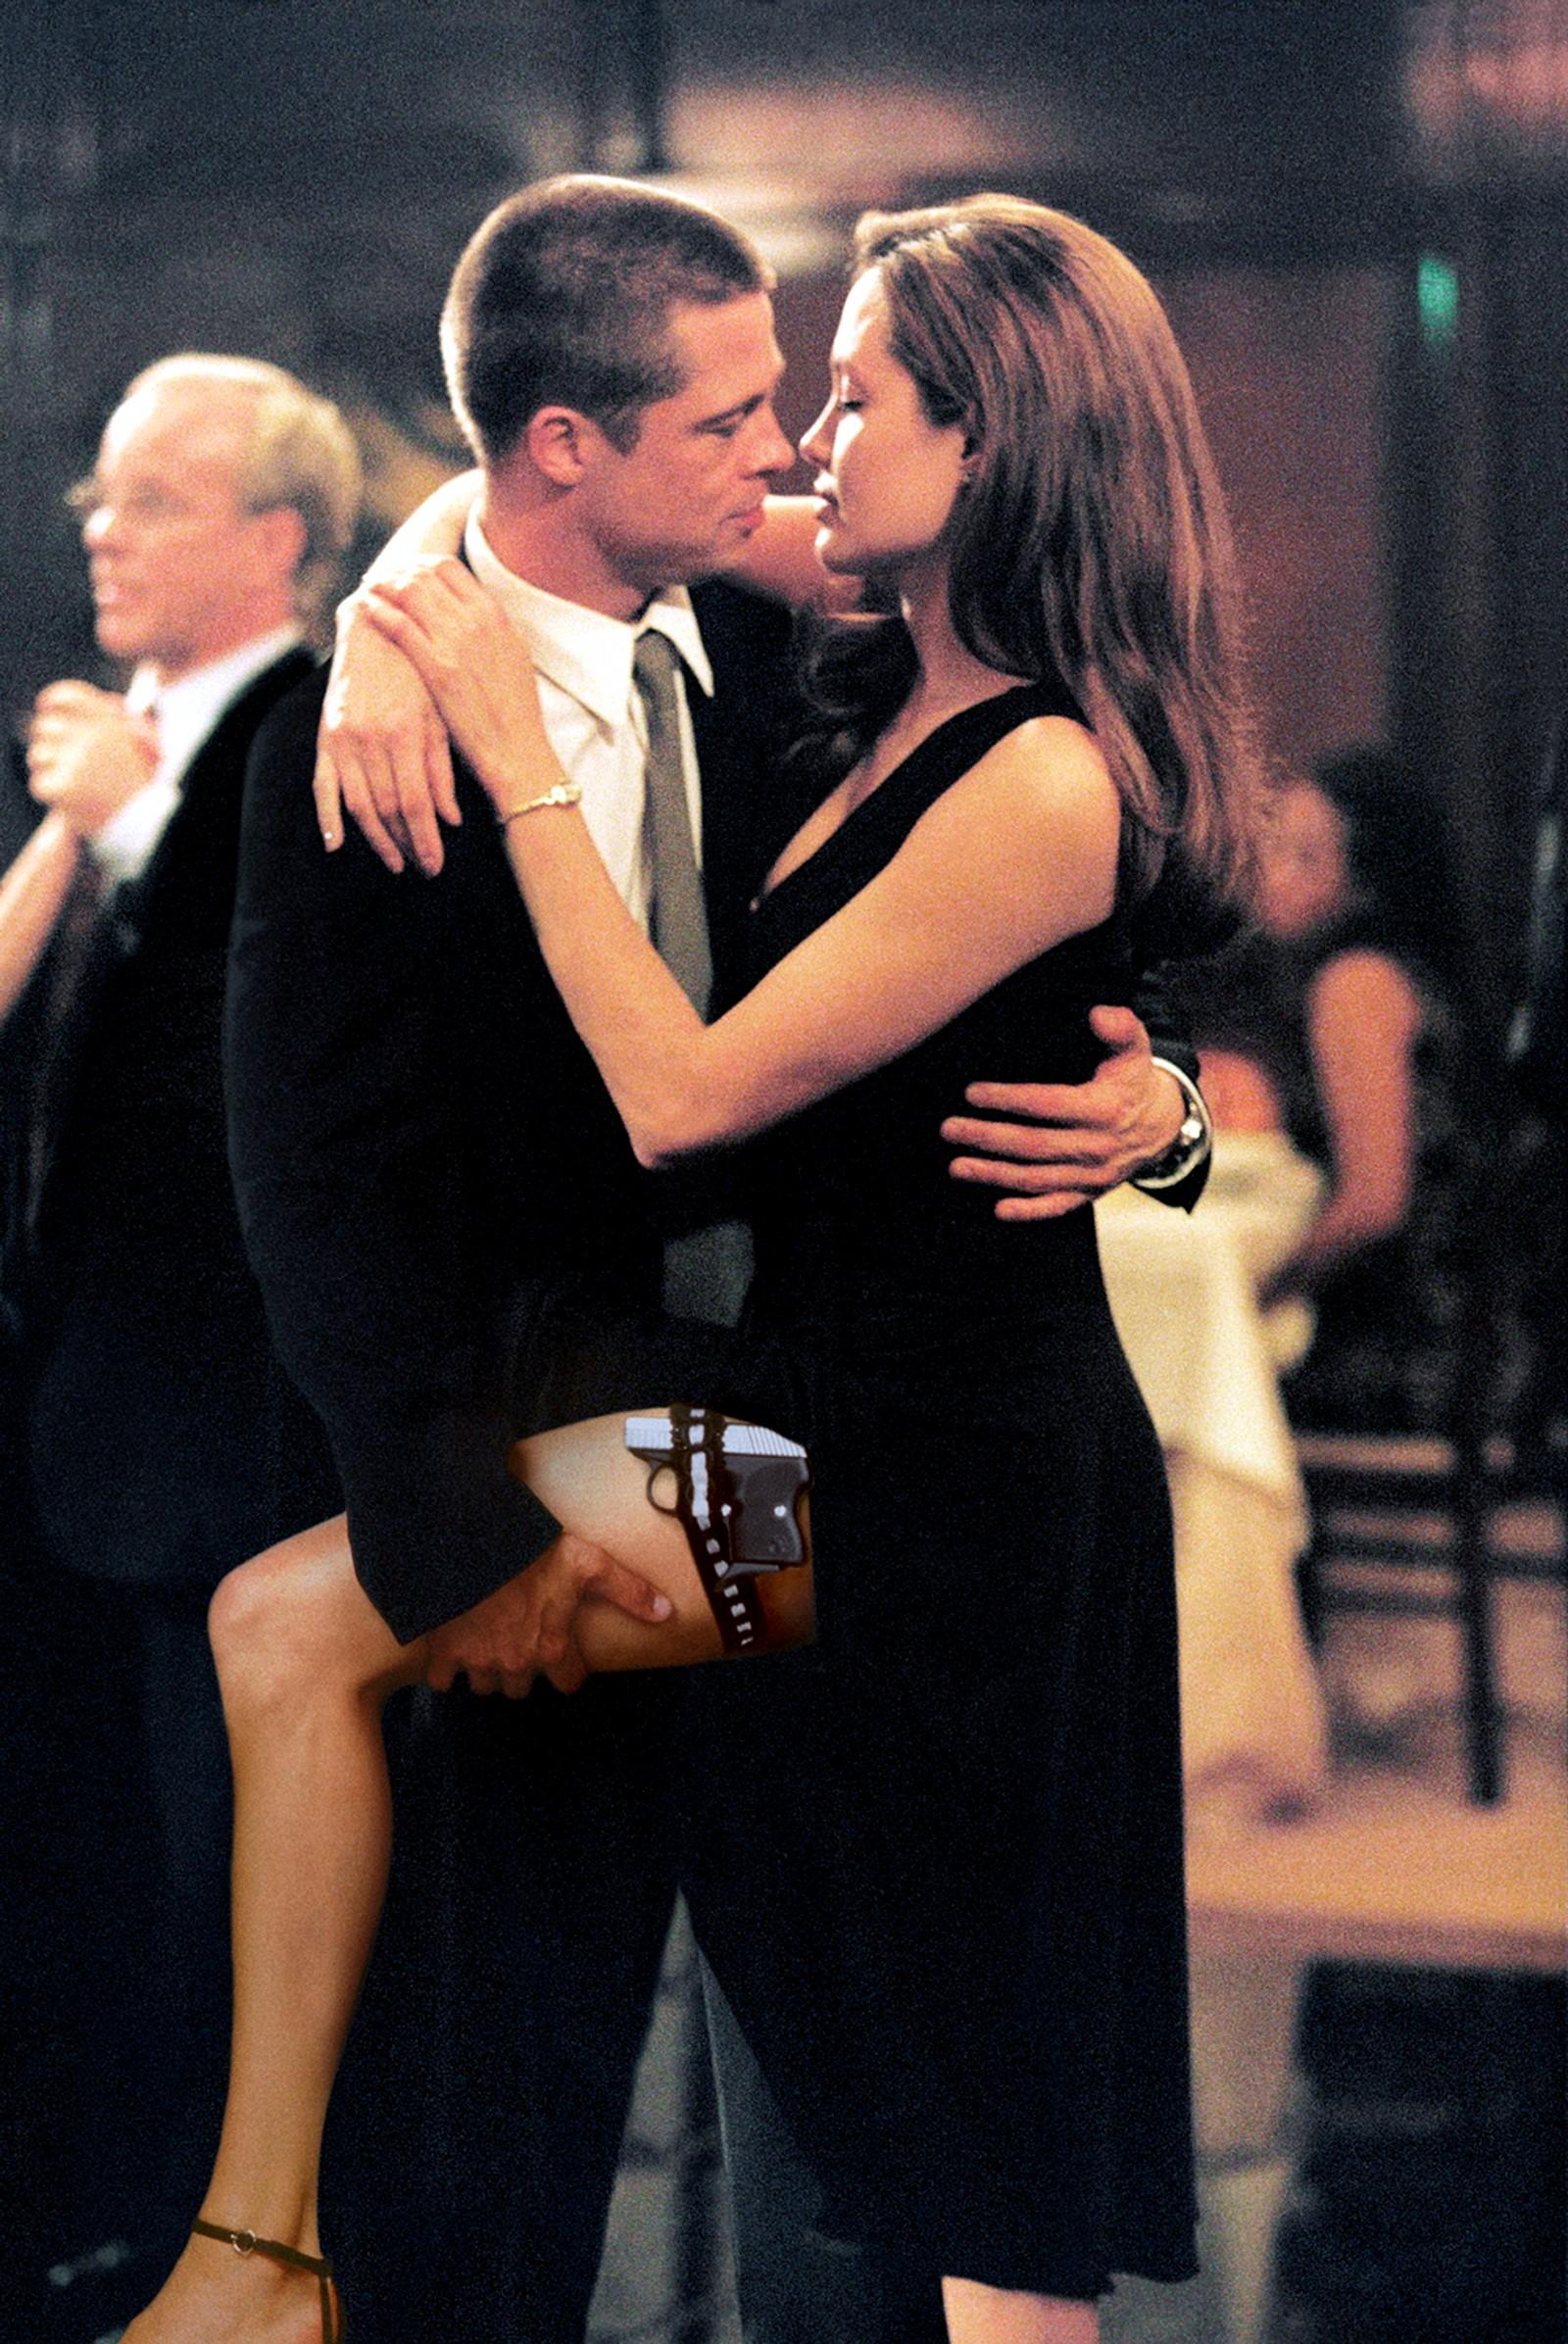 Det var her Brad Pitt og Angelina Jolie ble kjent med hverandre: på settet til filmen Mr. and Mrs. Smith, som ble spilt inn i 2004 og kom ut i 2005.